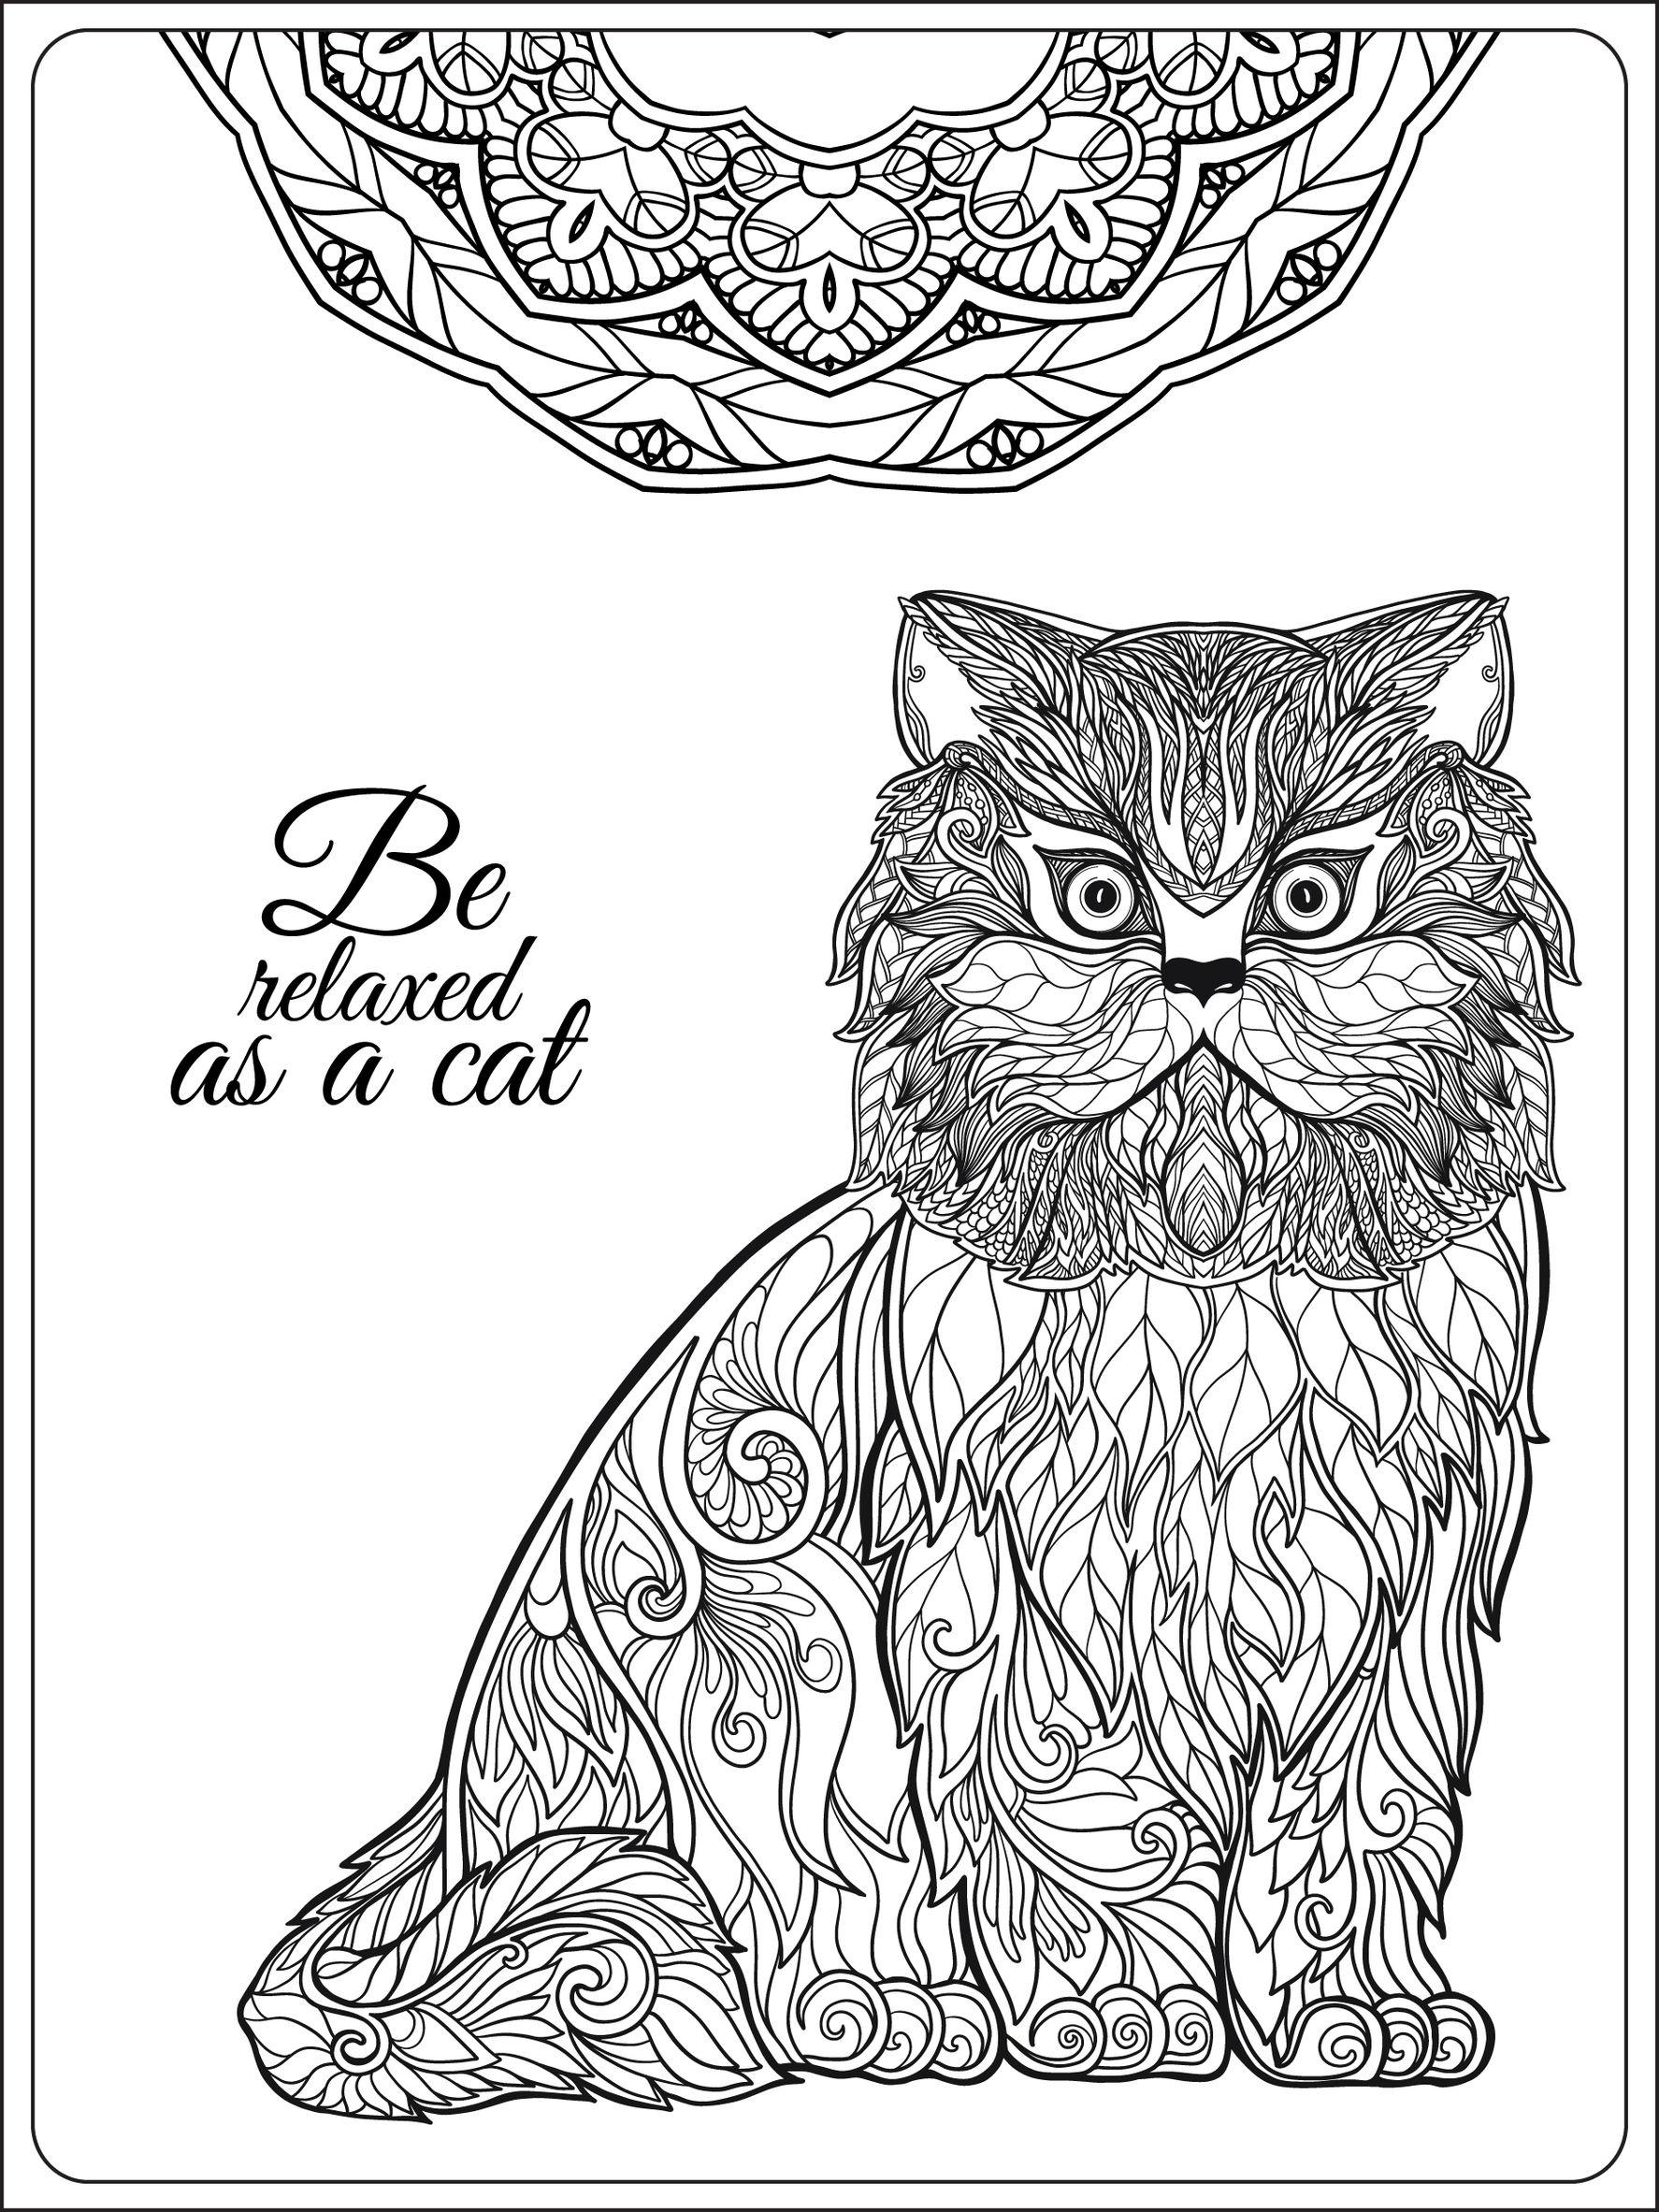 Gatti 7959 gatti disegni da colorare per adulti - Immagini di orsi da colorare in ...